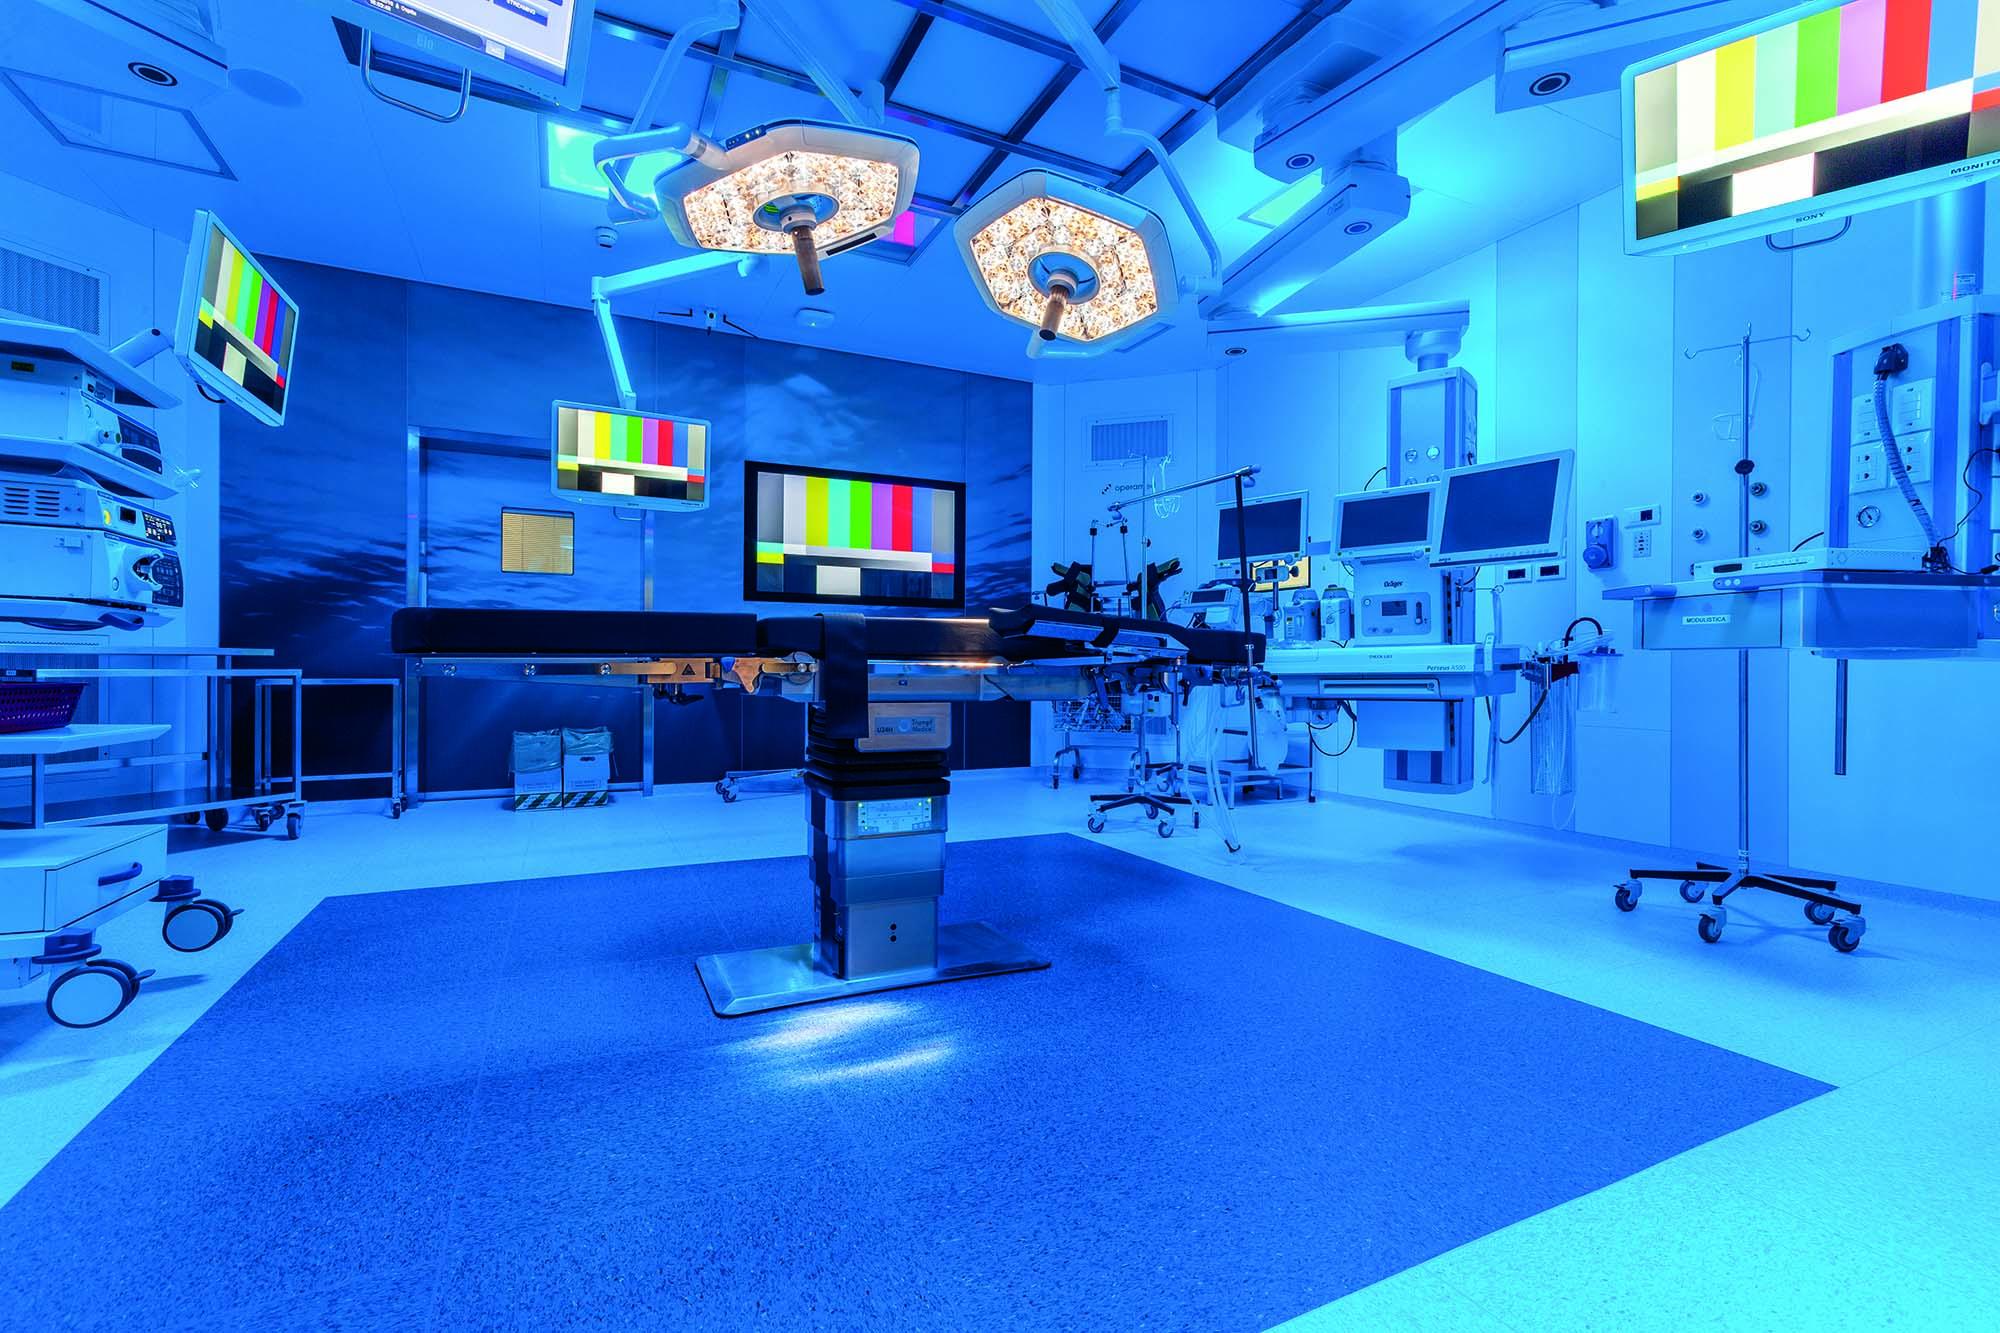 Fondazione Poliambulanza Hospital in Brescia Italy